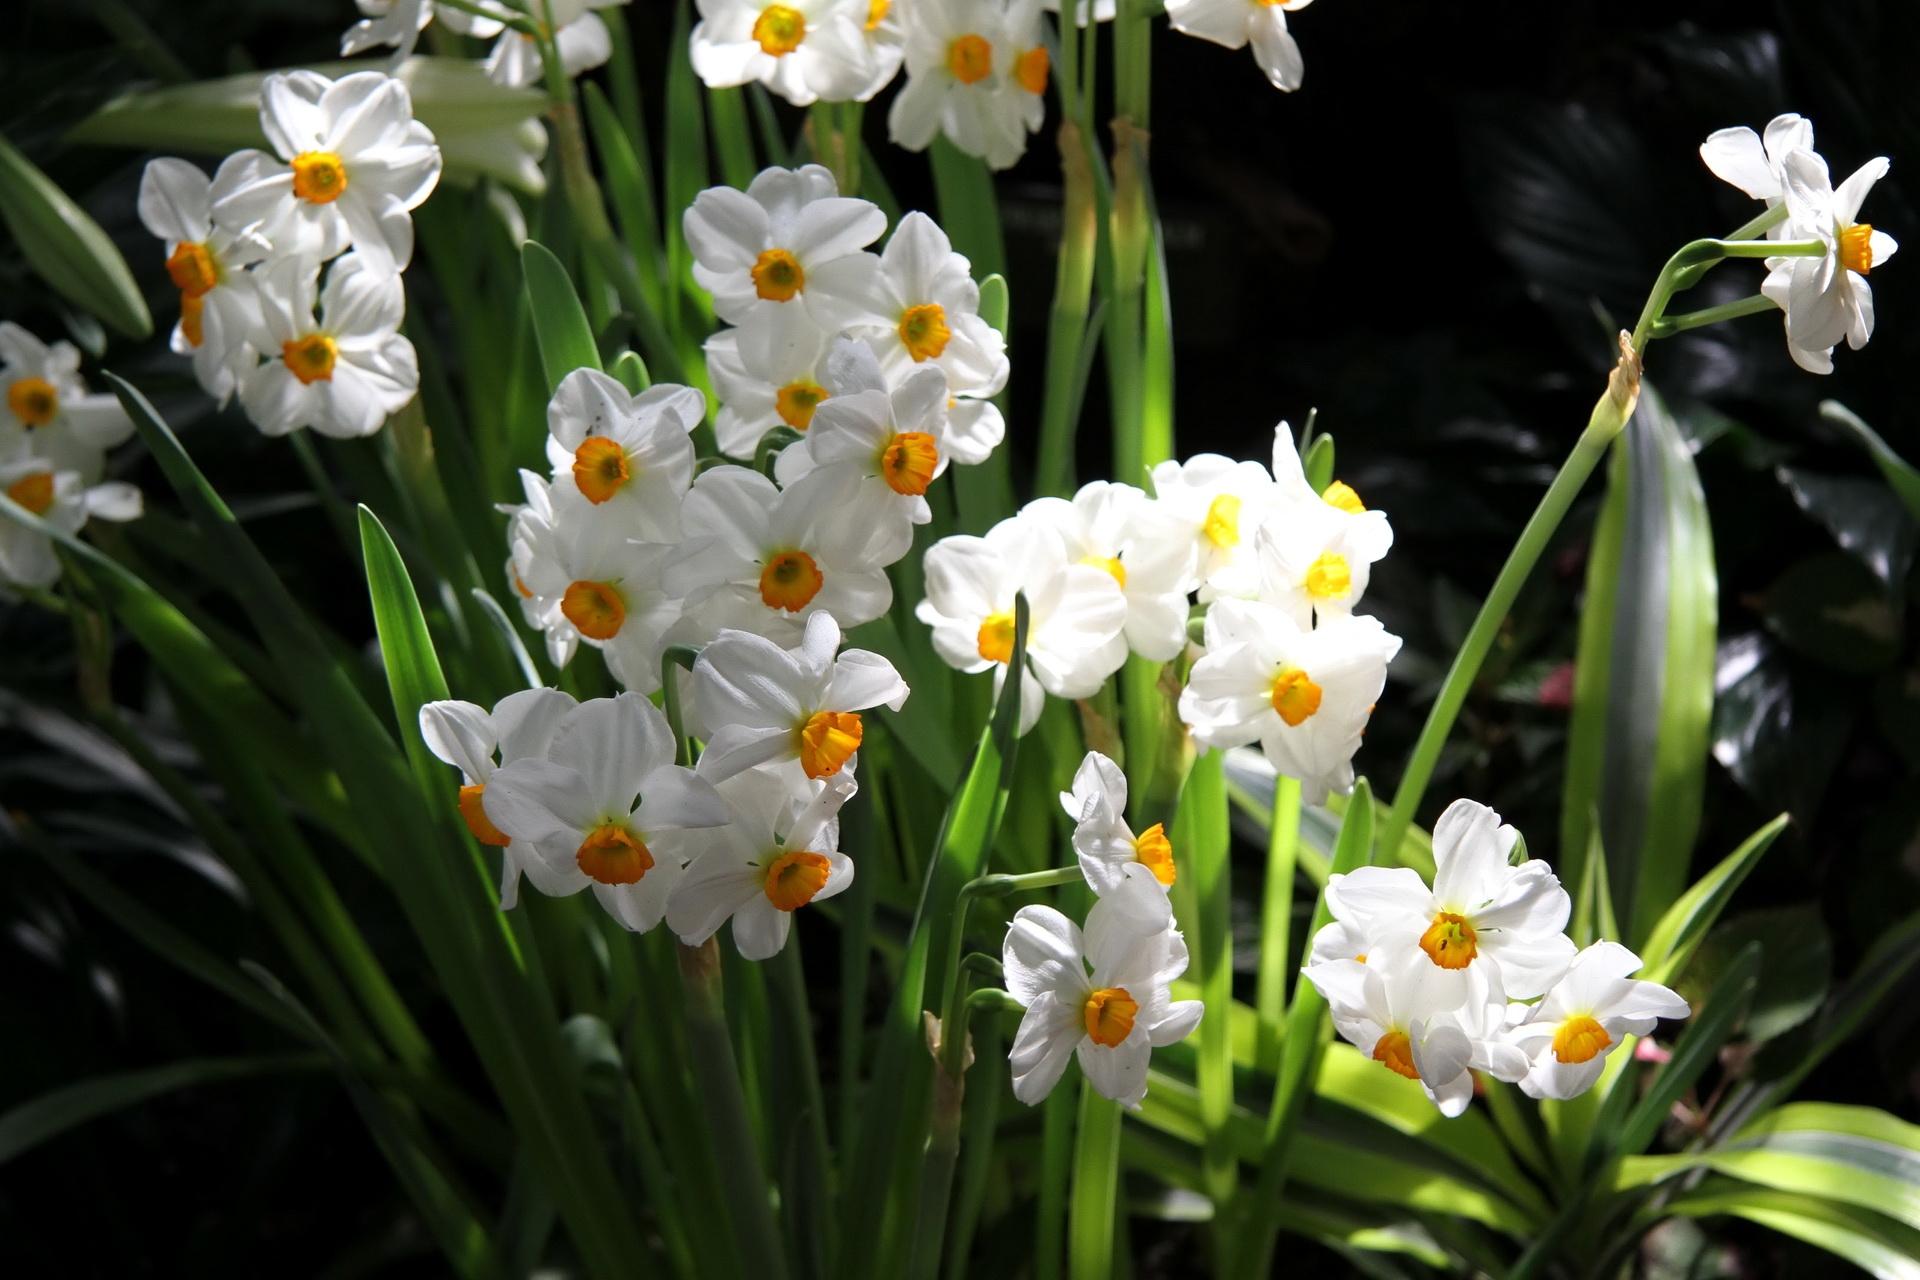 132758 Заставки и Обои Нарциссы на телефон. Скачать Цветы, Нарциссы, Зелень, Клумба, Весна, Настроение картинки бесплатно